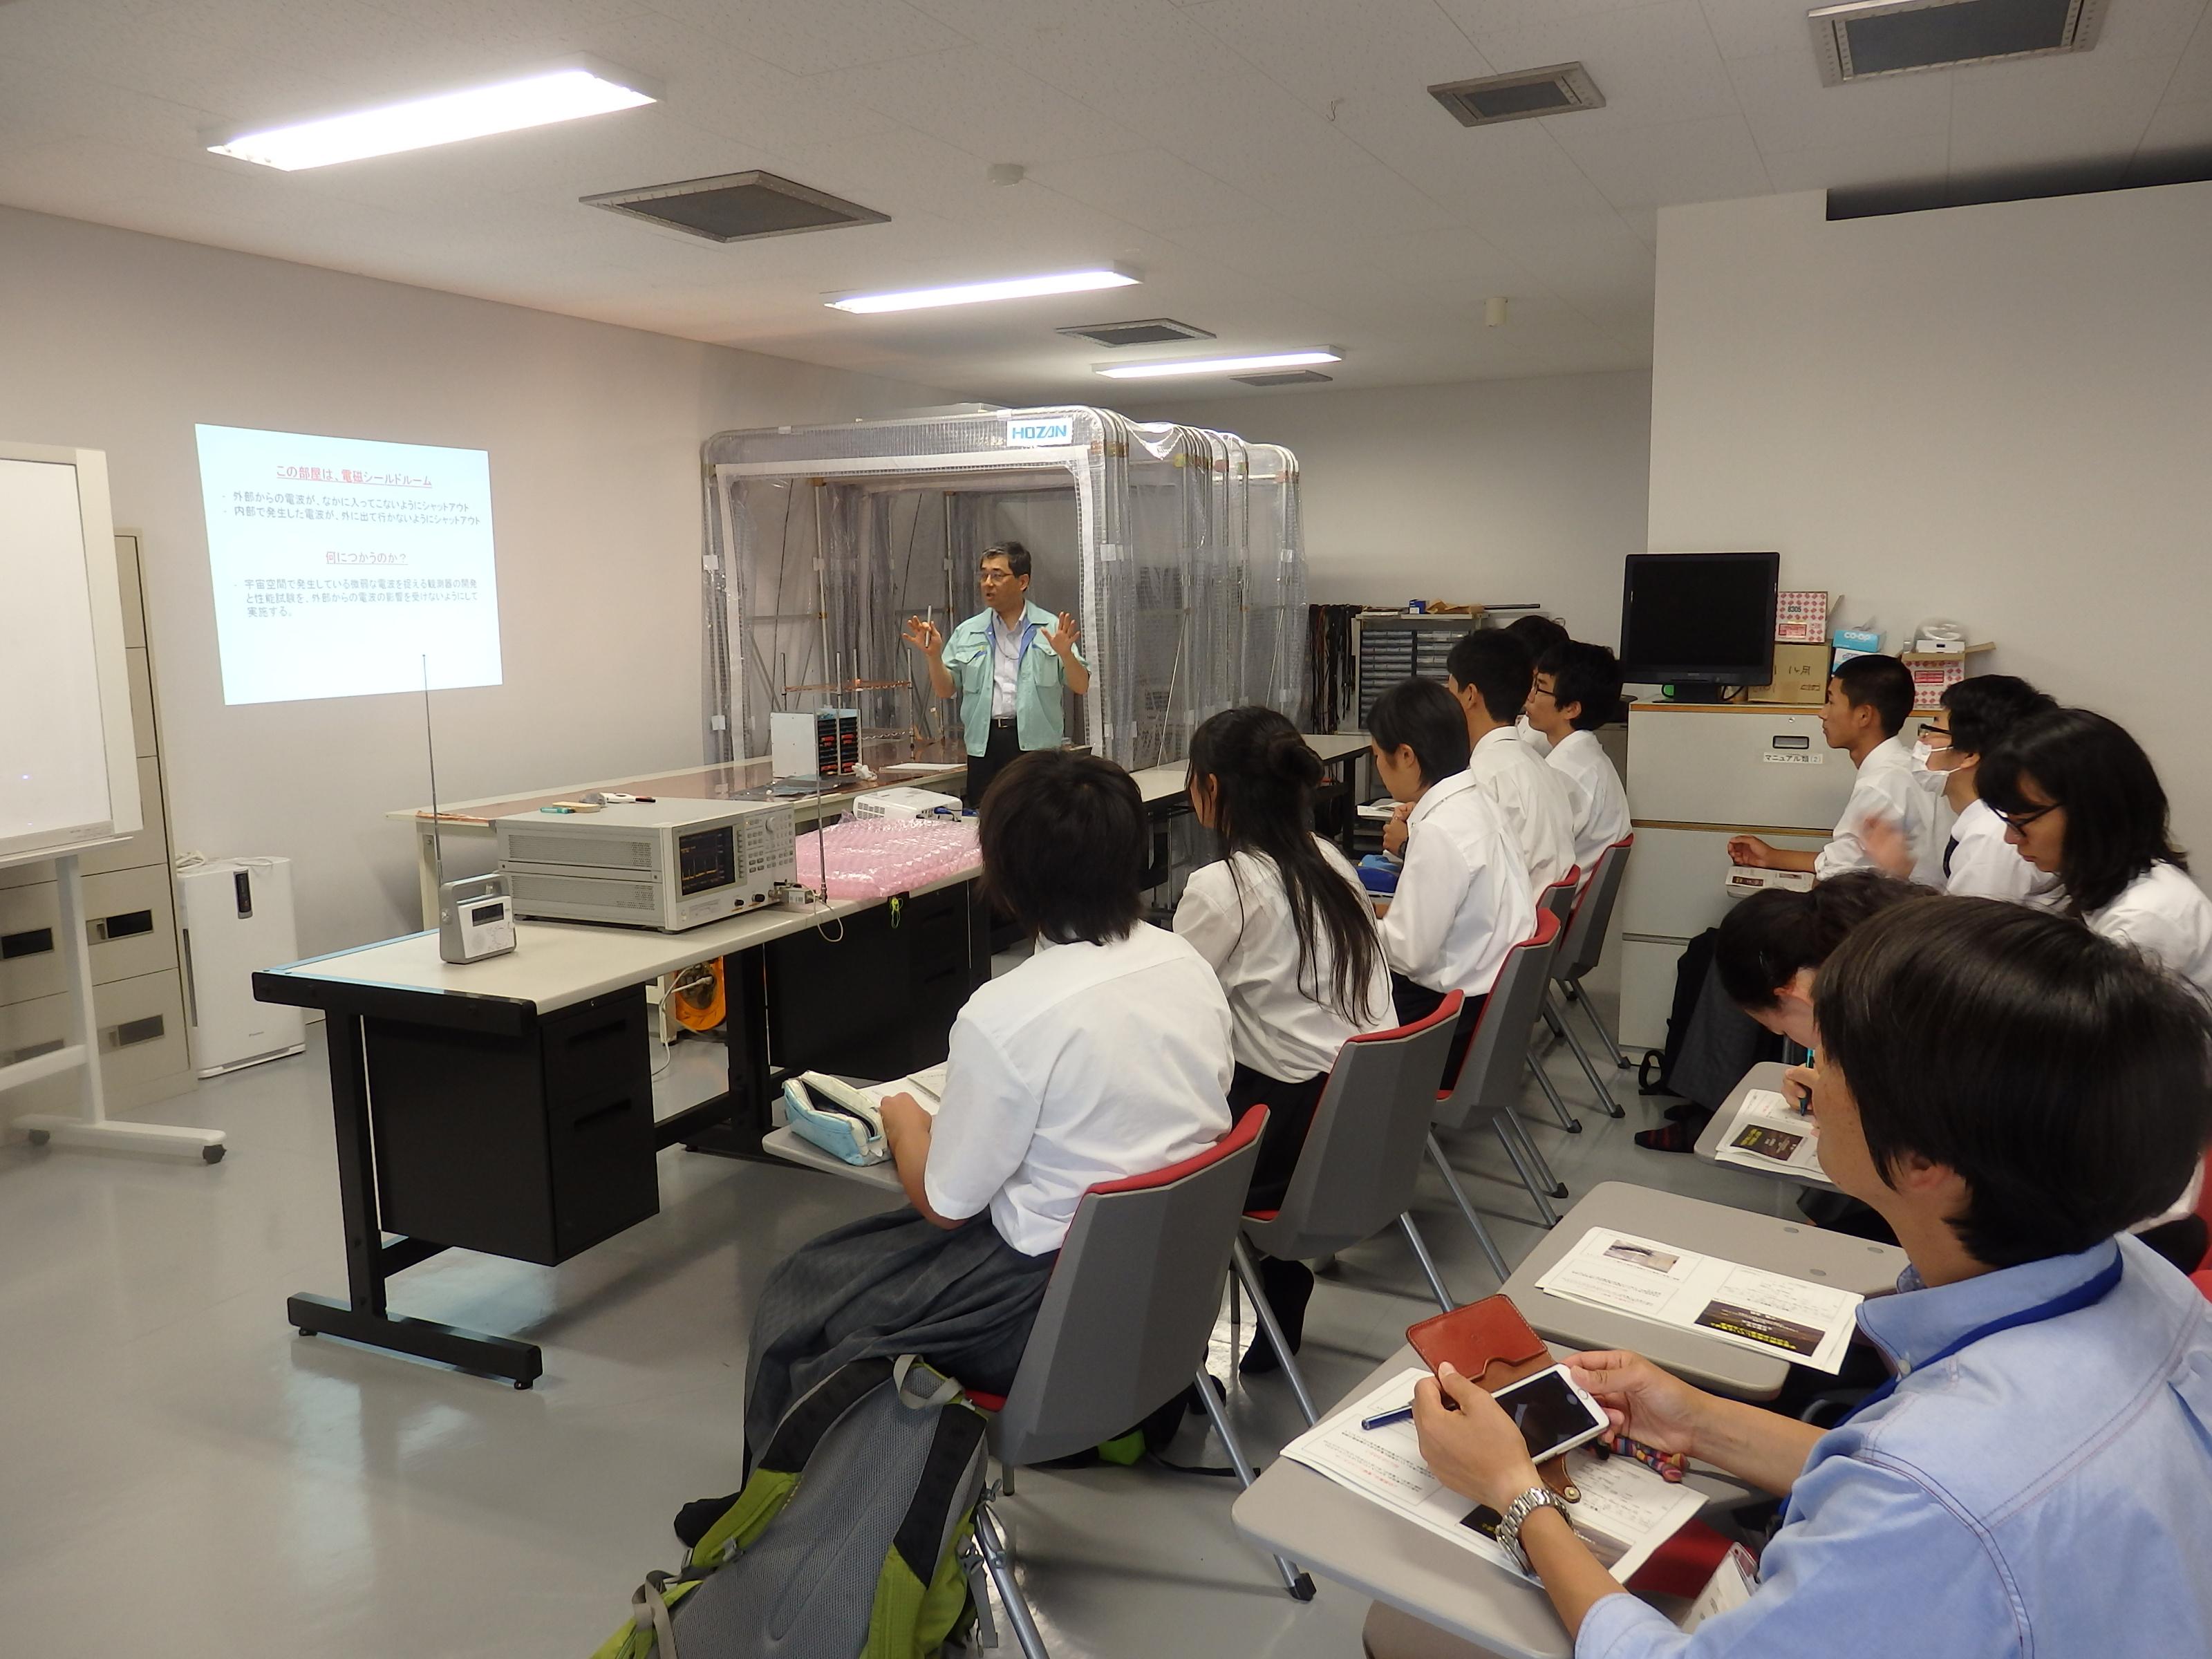 宇宙圏航行システム工学分野の講義の様子